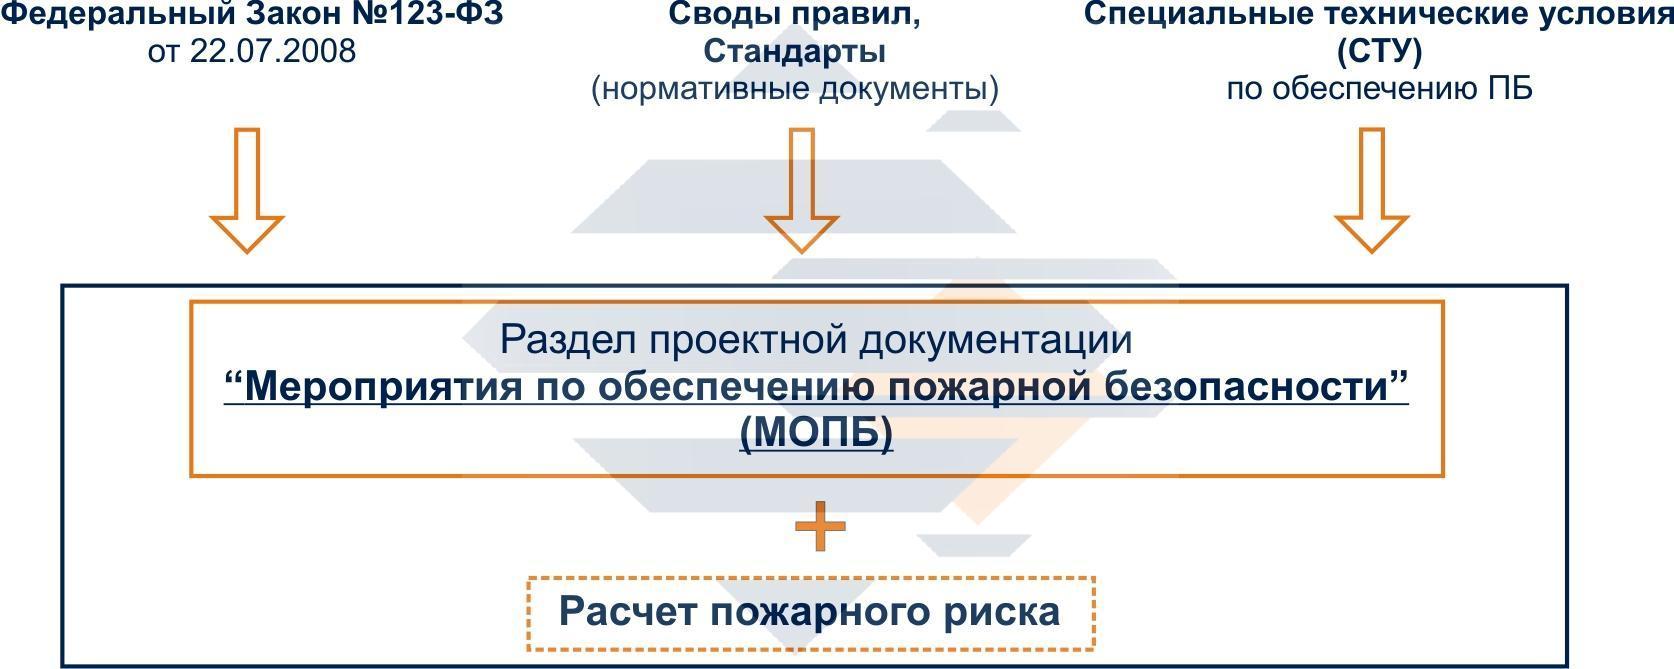 На схеме видна взаимосвязь СТУ с проектированием зданий.